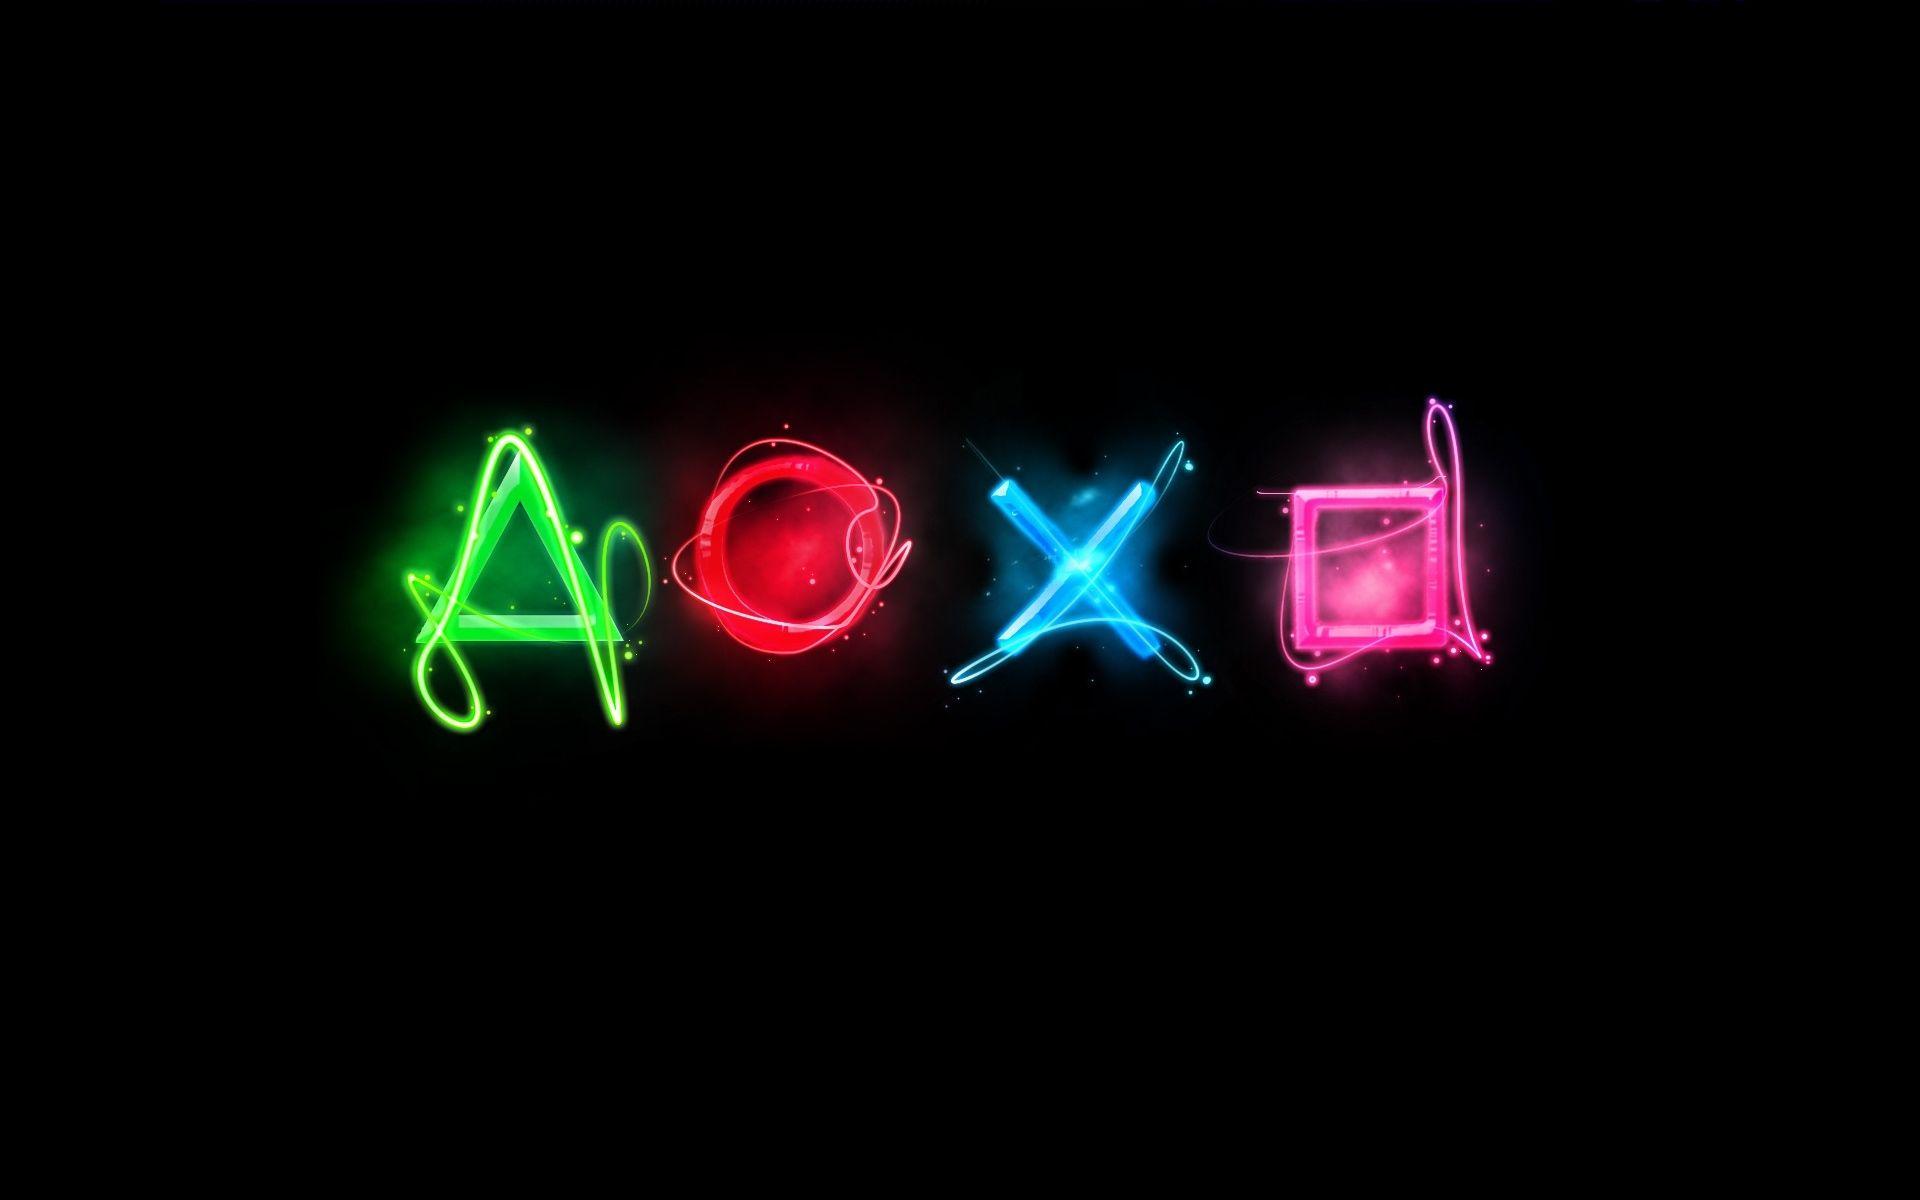 Playstation 4 Logo Wallpapers Gaming wallpapers